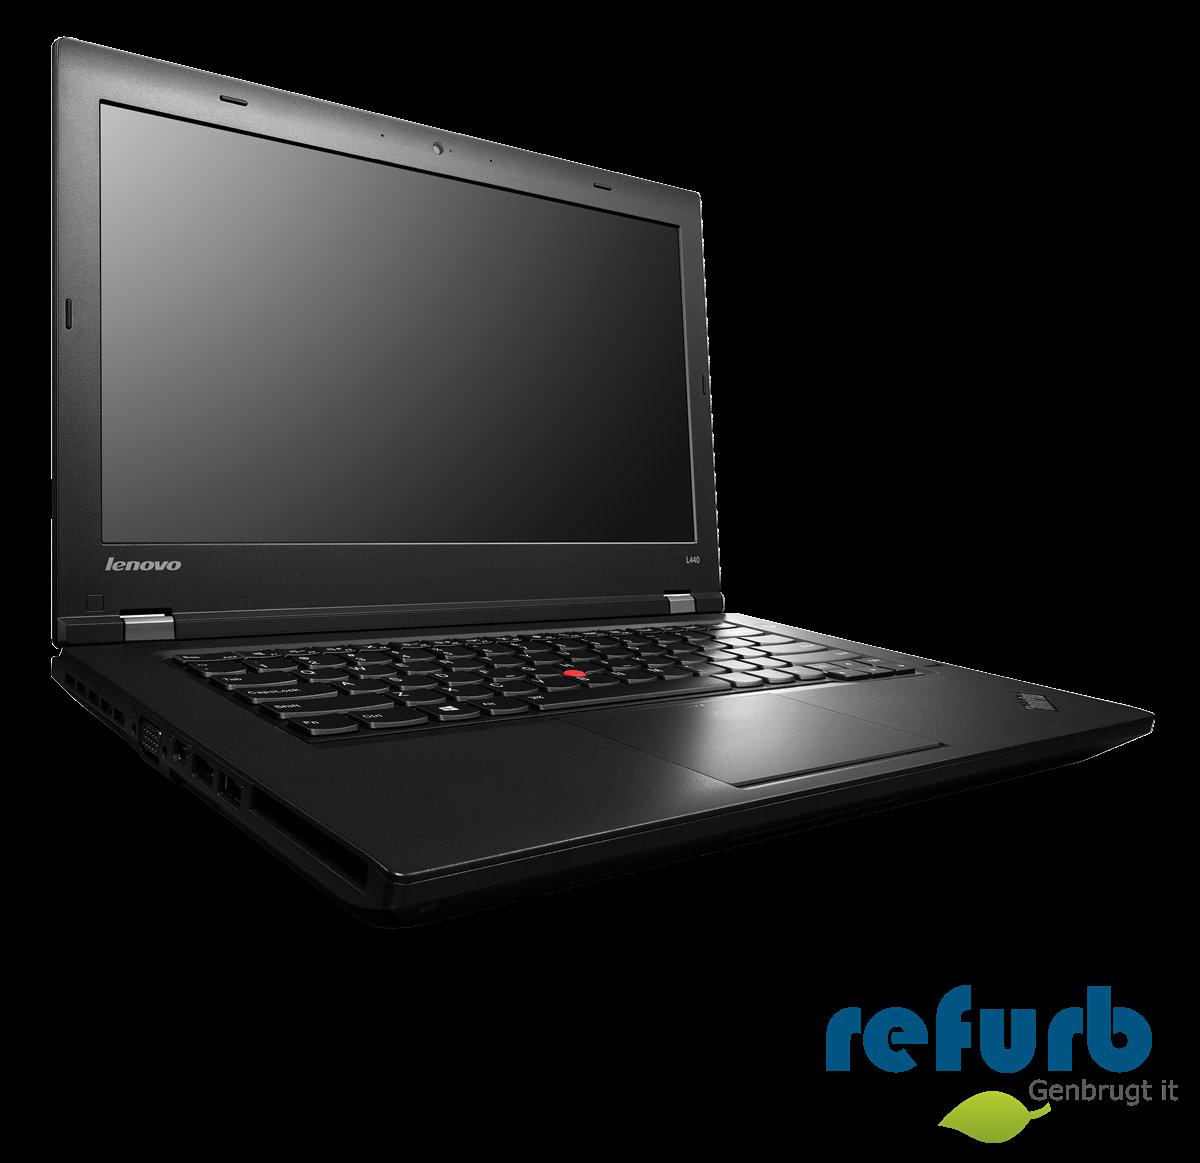 Lenovo thinkpad l440 fra Lenovo på refurb